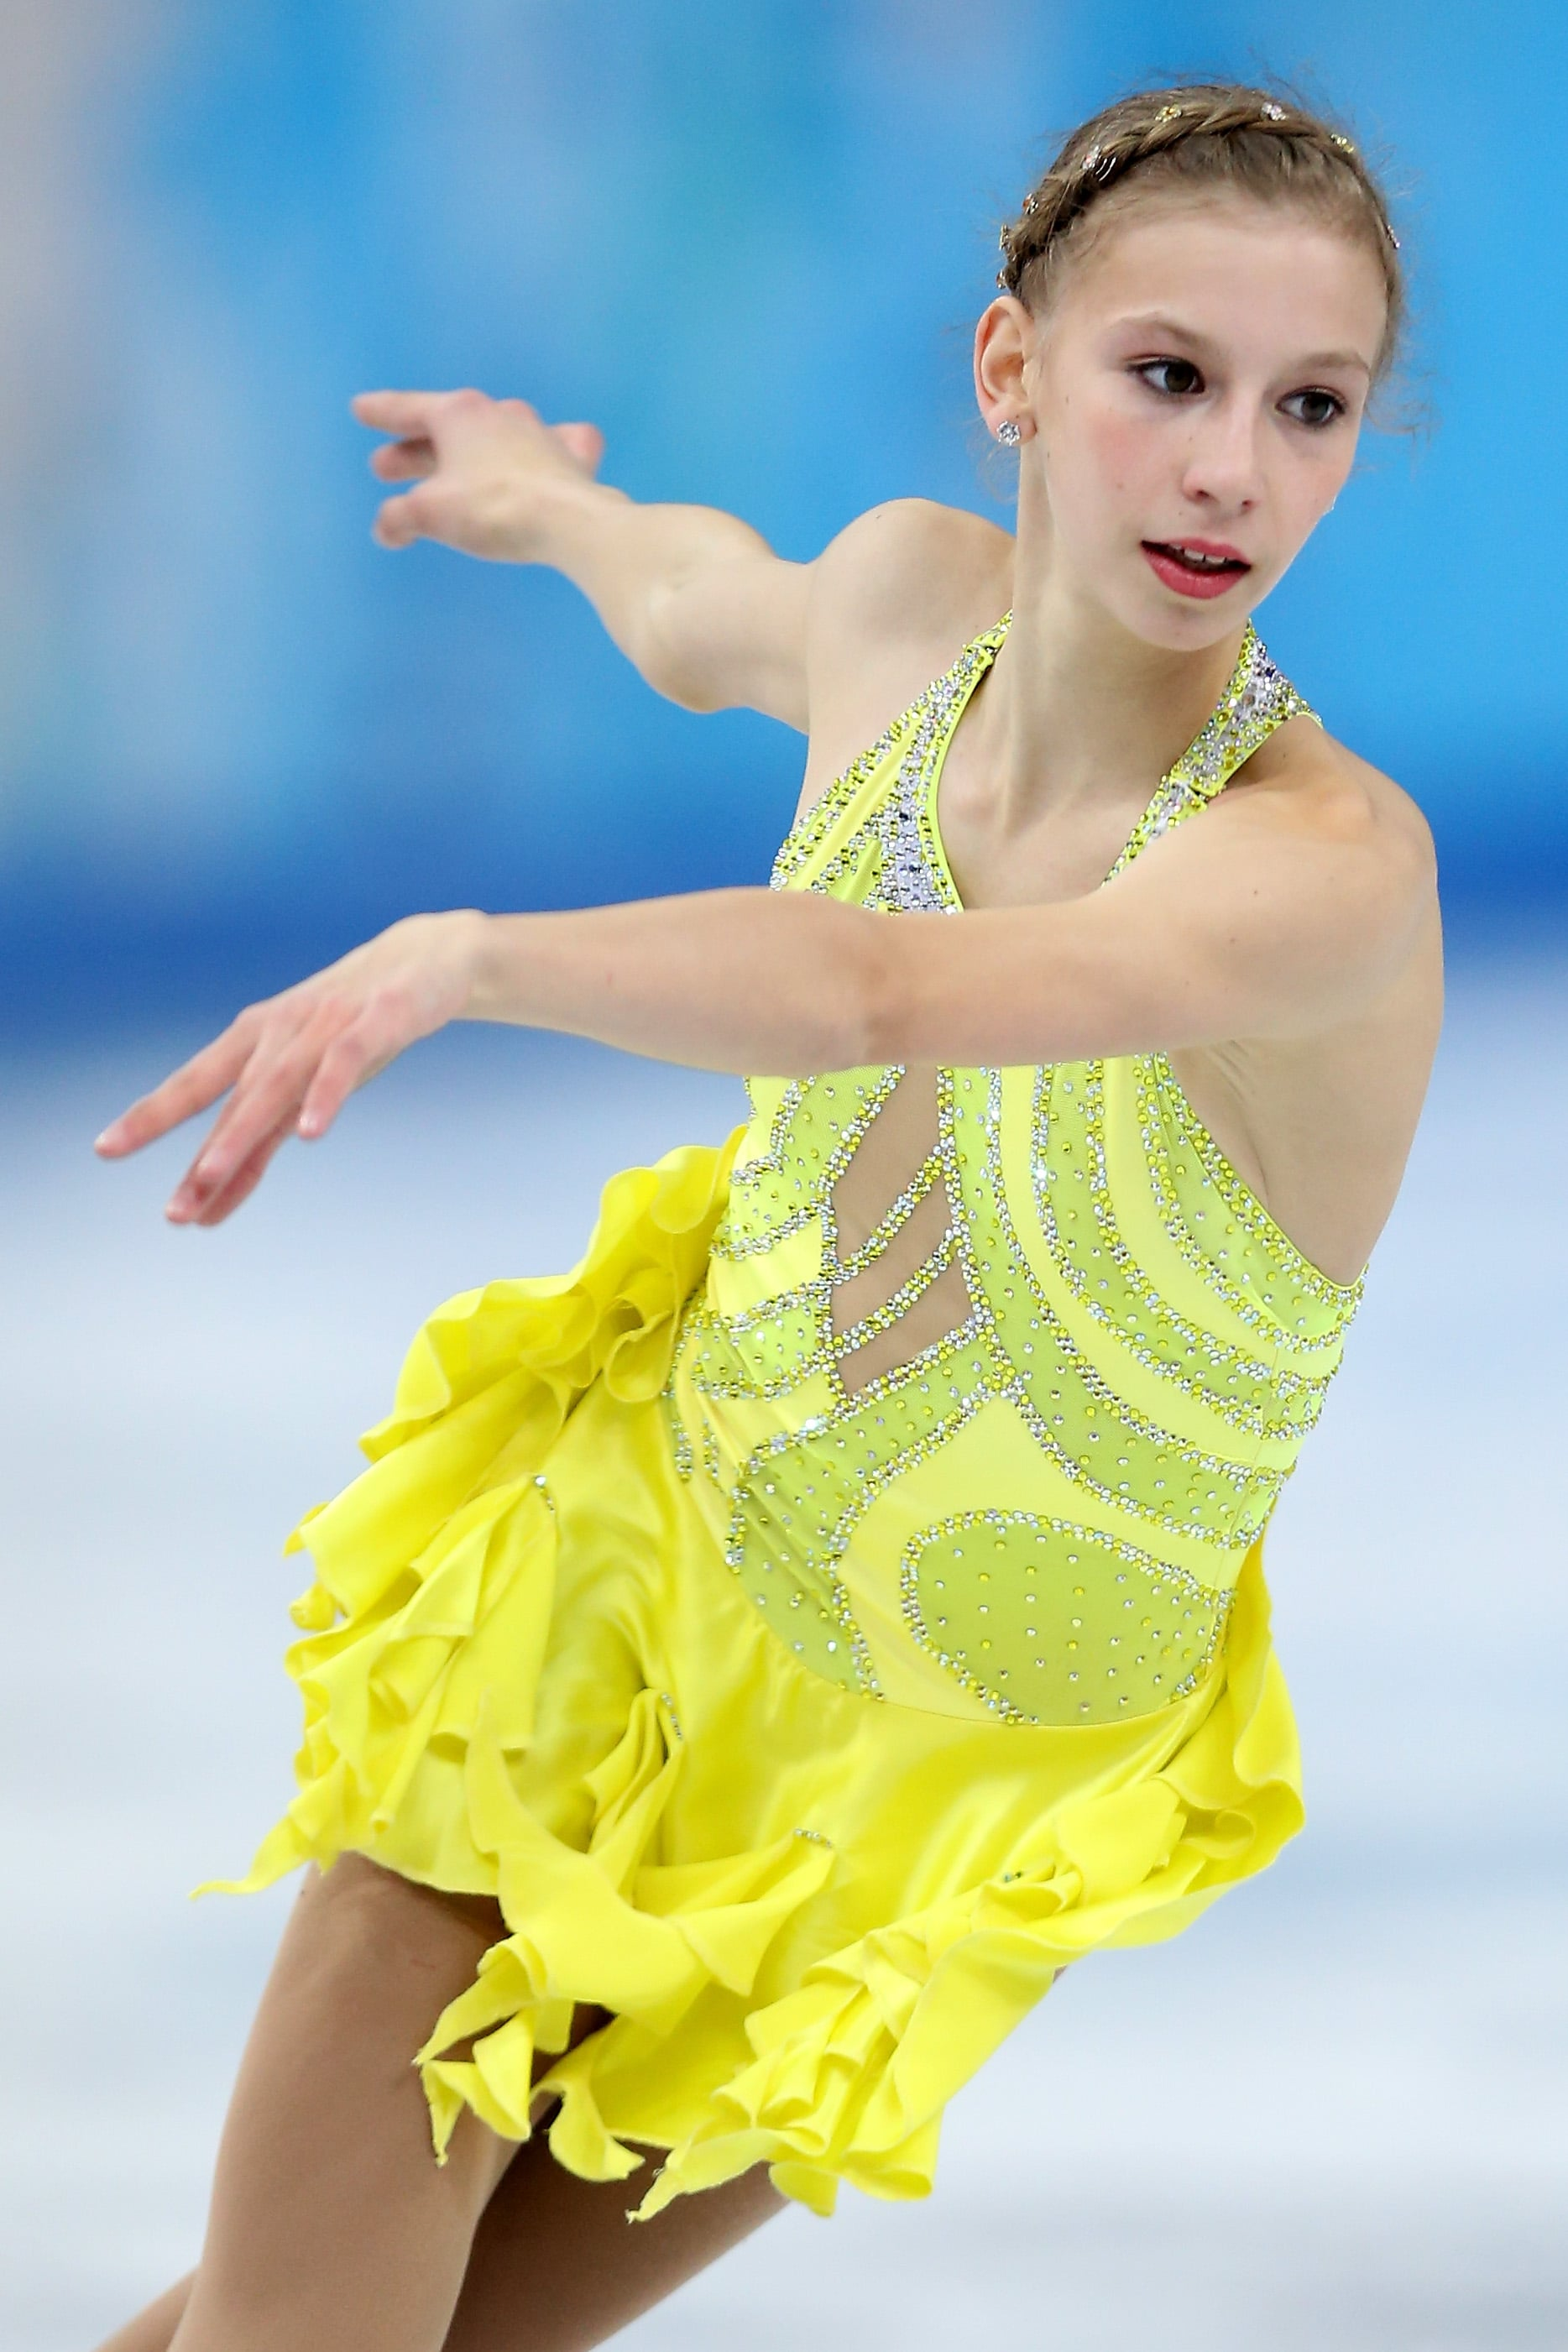 Polina Edmunds, USA